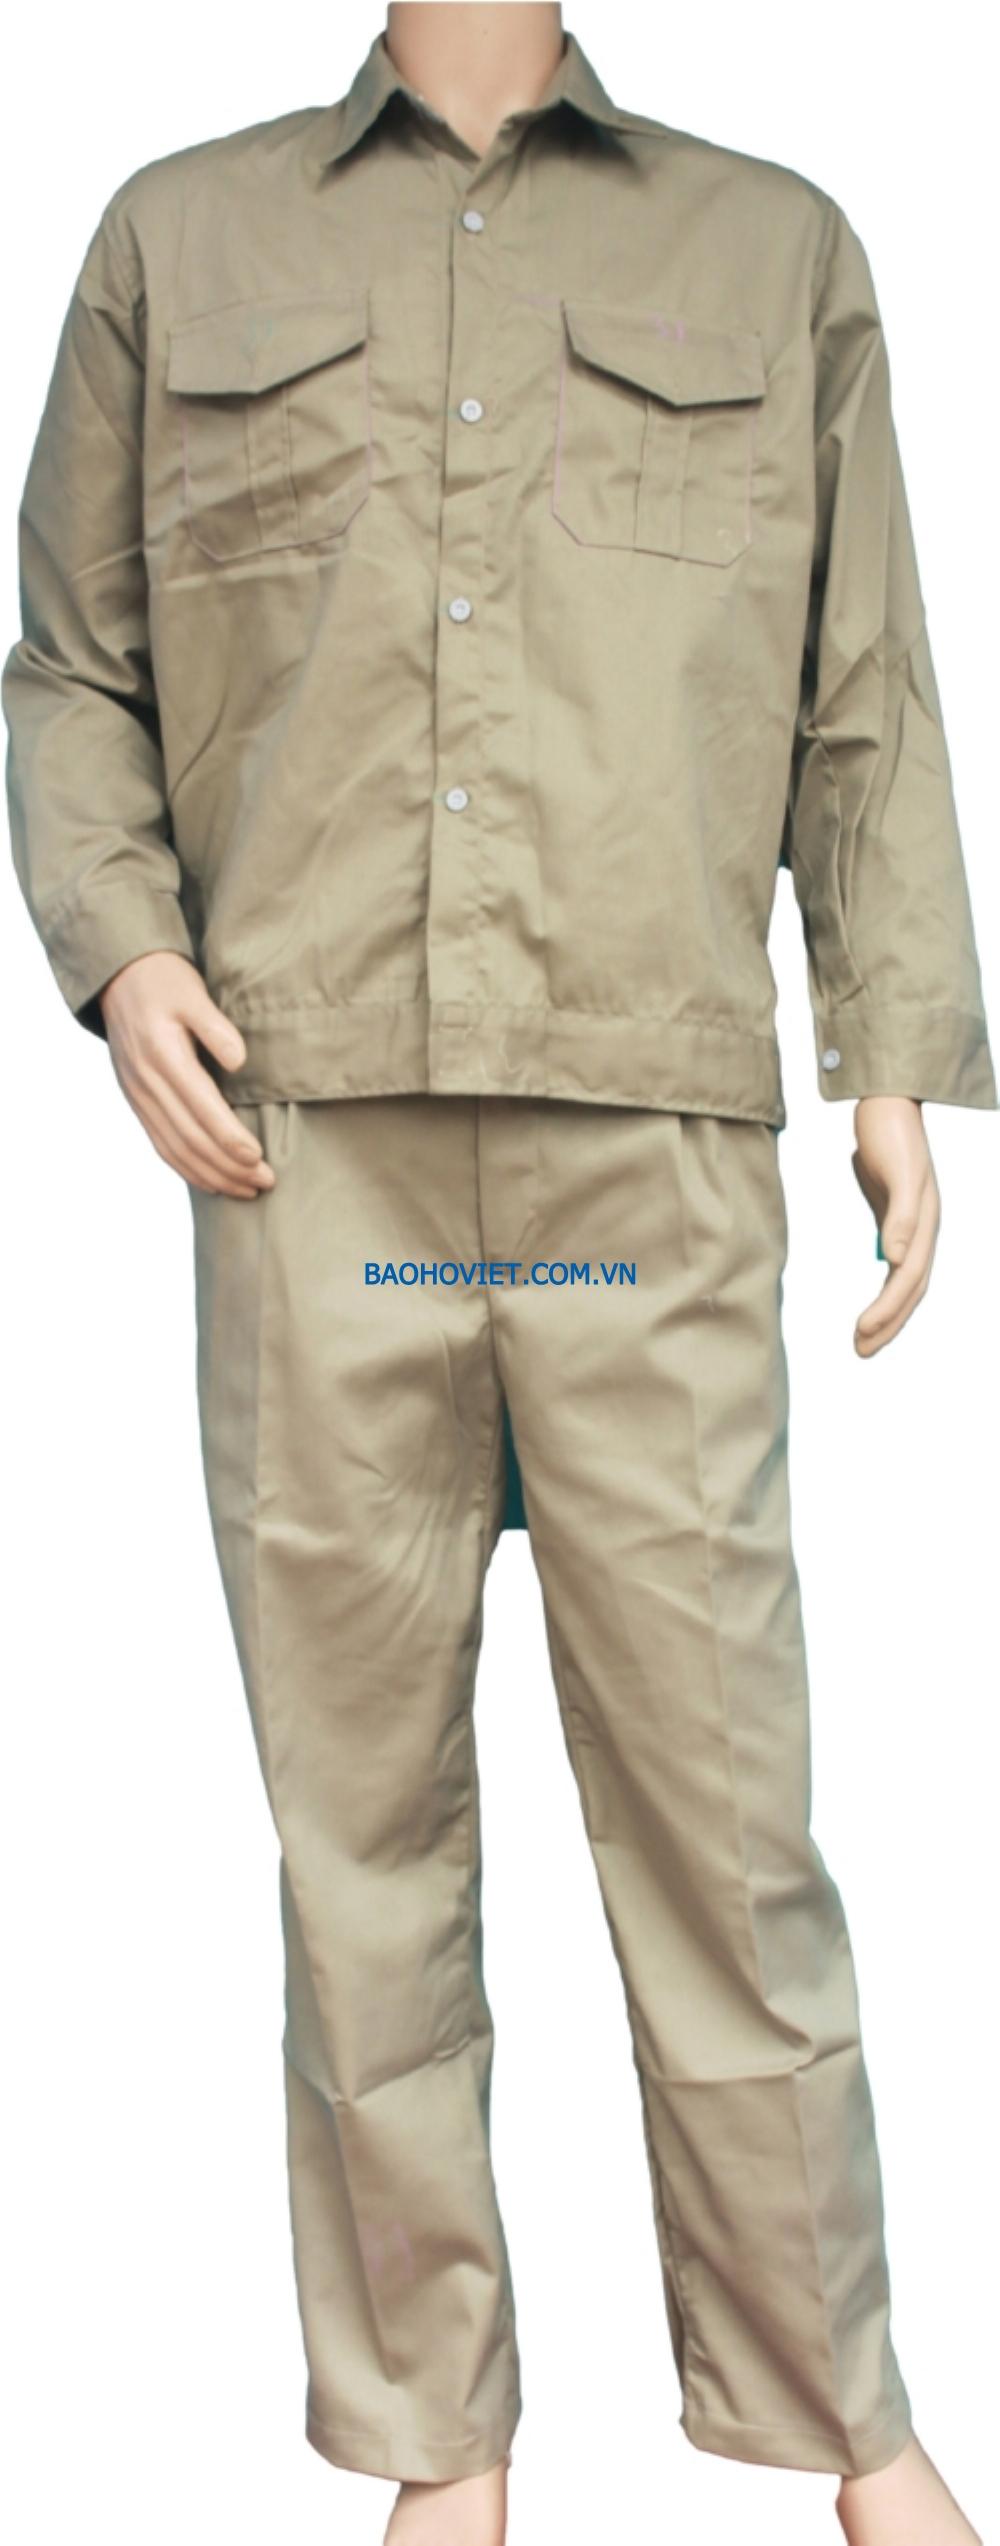 Quần áo Kaki Nam Định loại 1 - Mầu xi măng